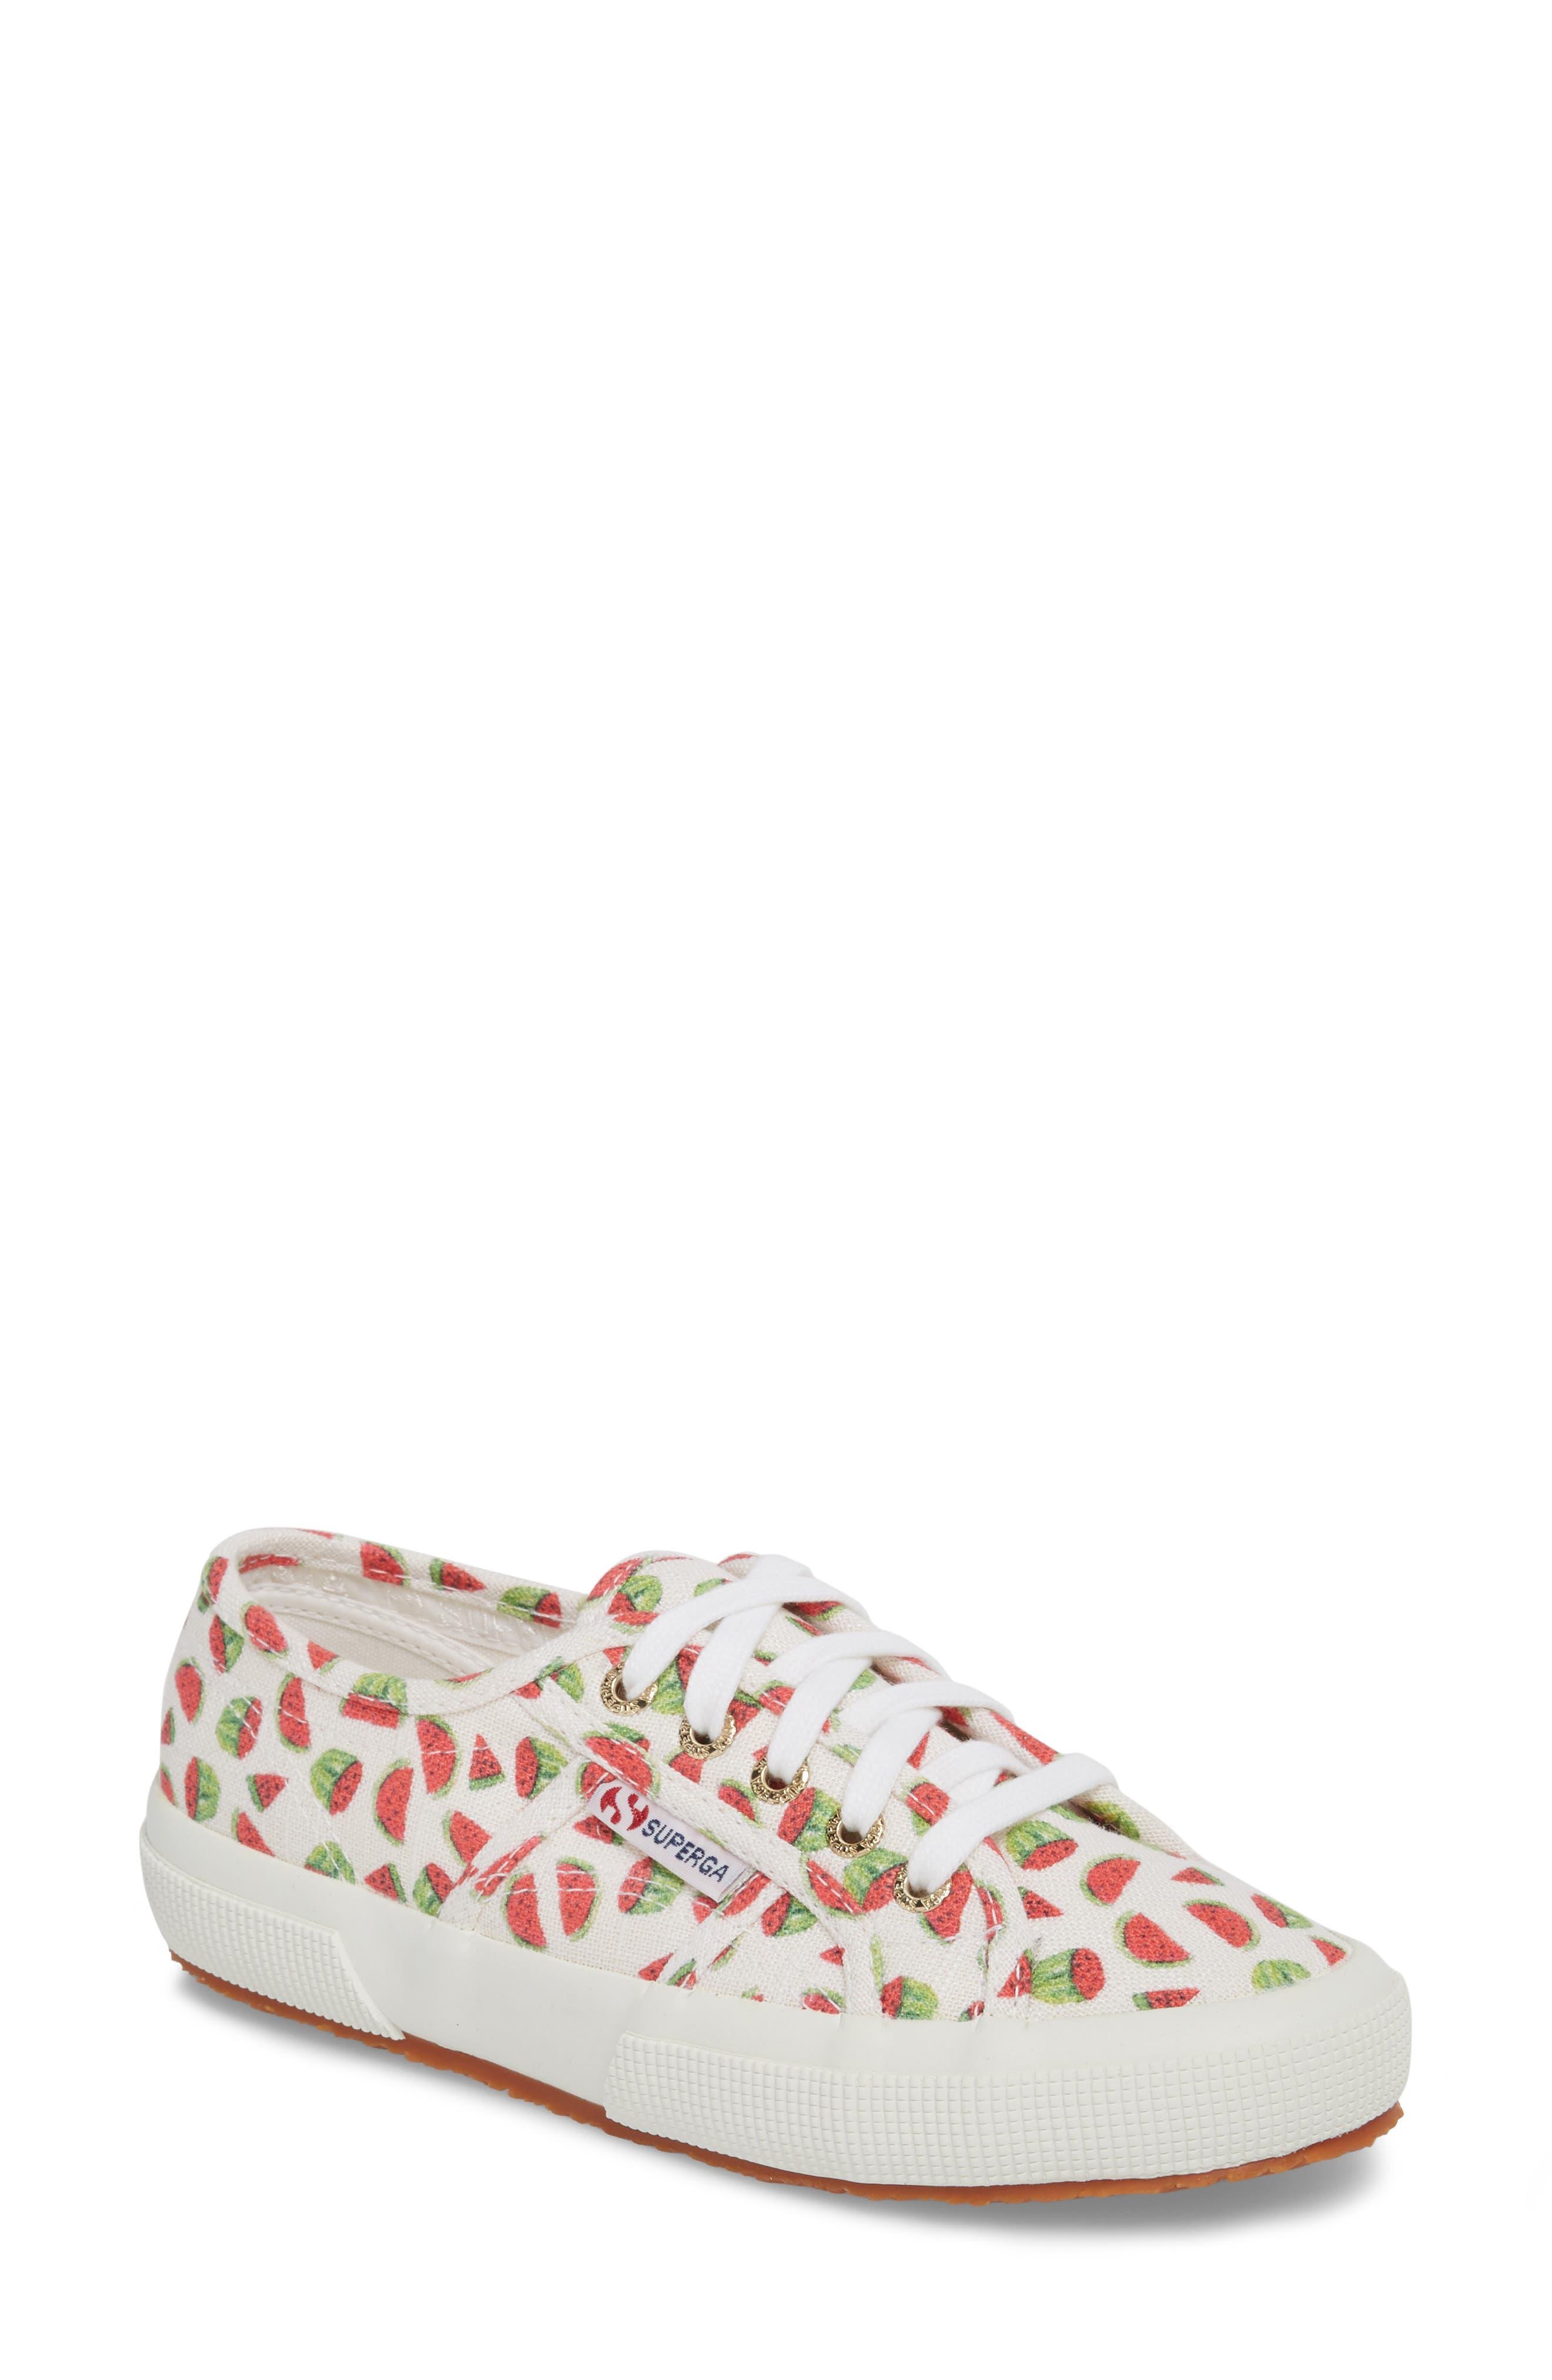 2750 Linenfruit Low Top Sneaker,                             Main thumbnail 1, color,                             600